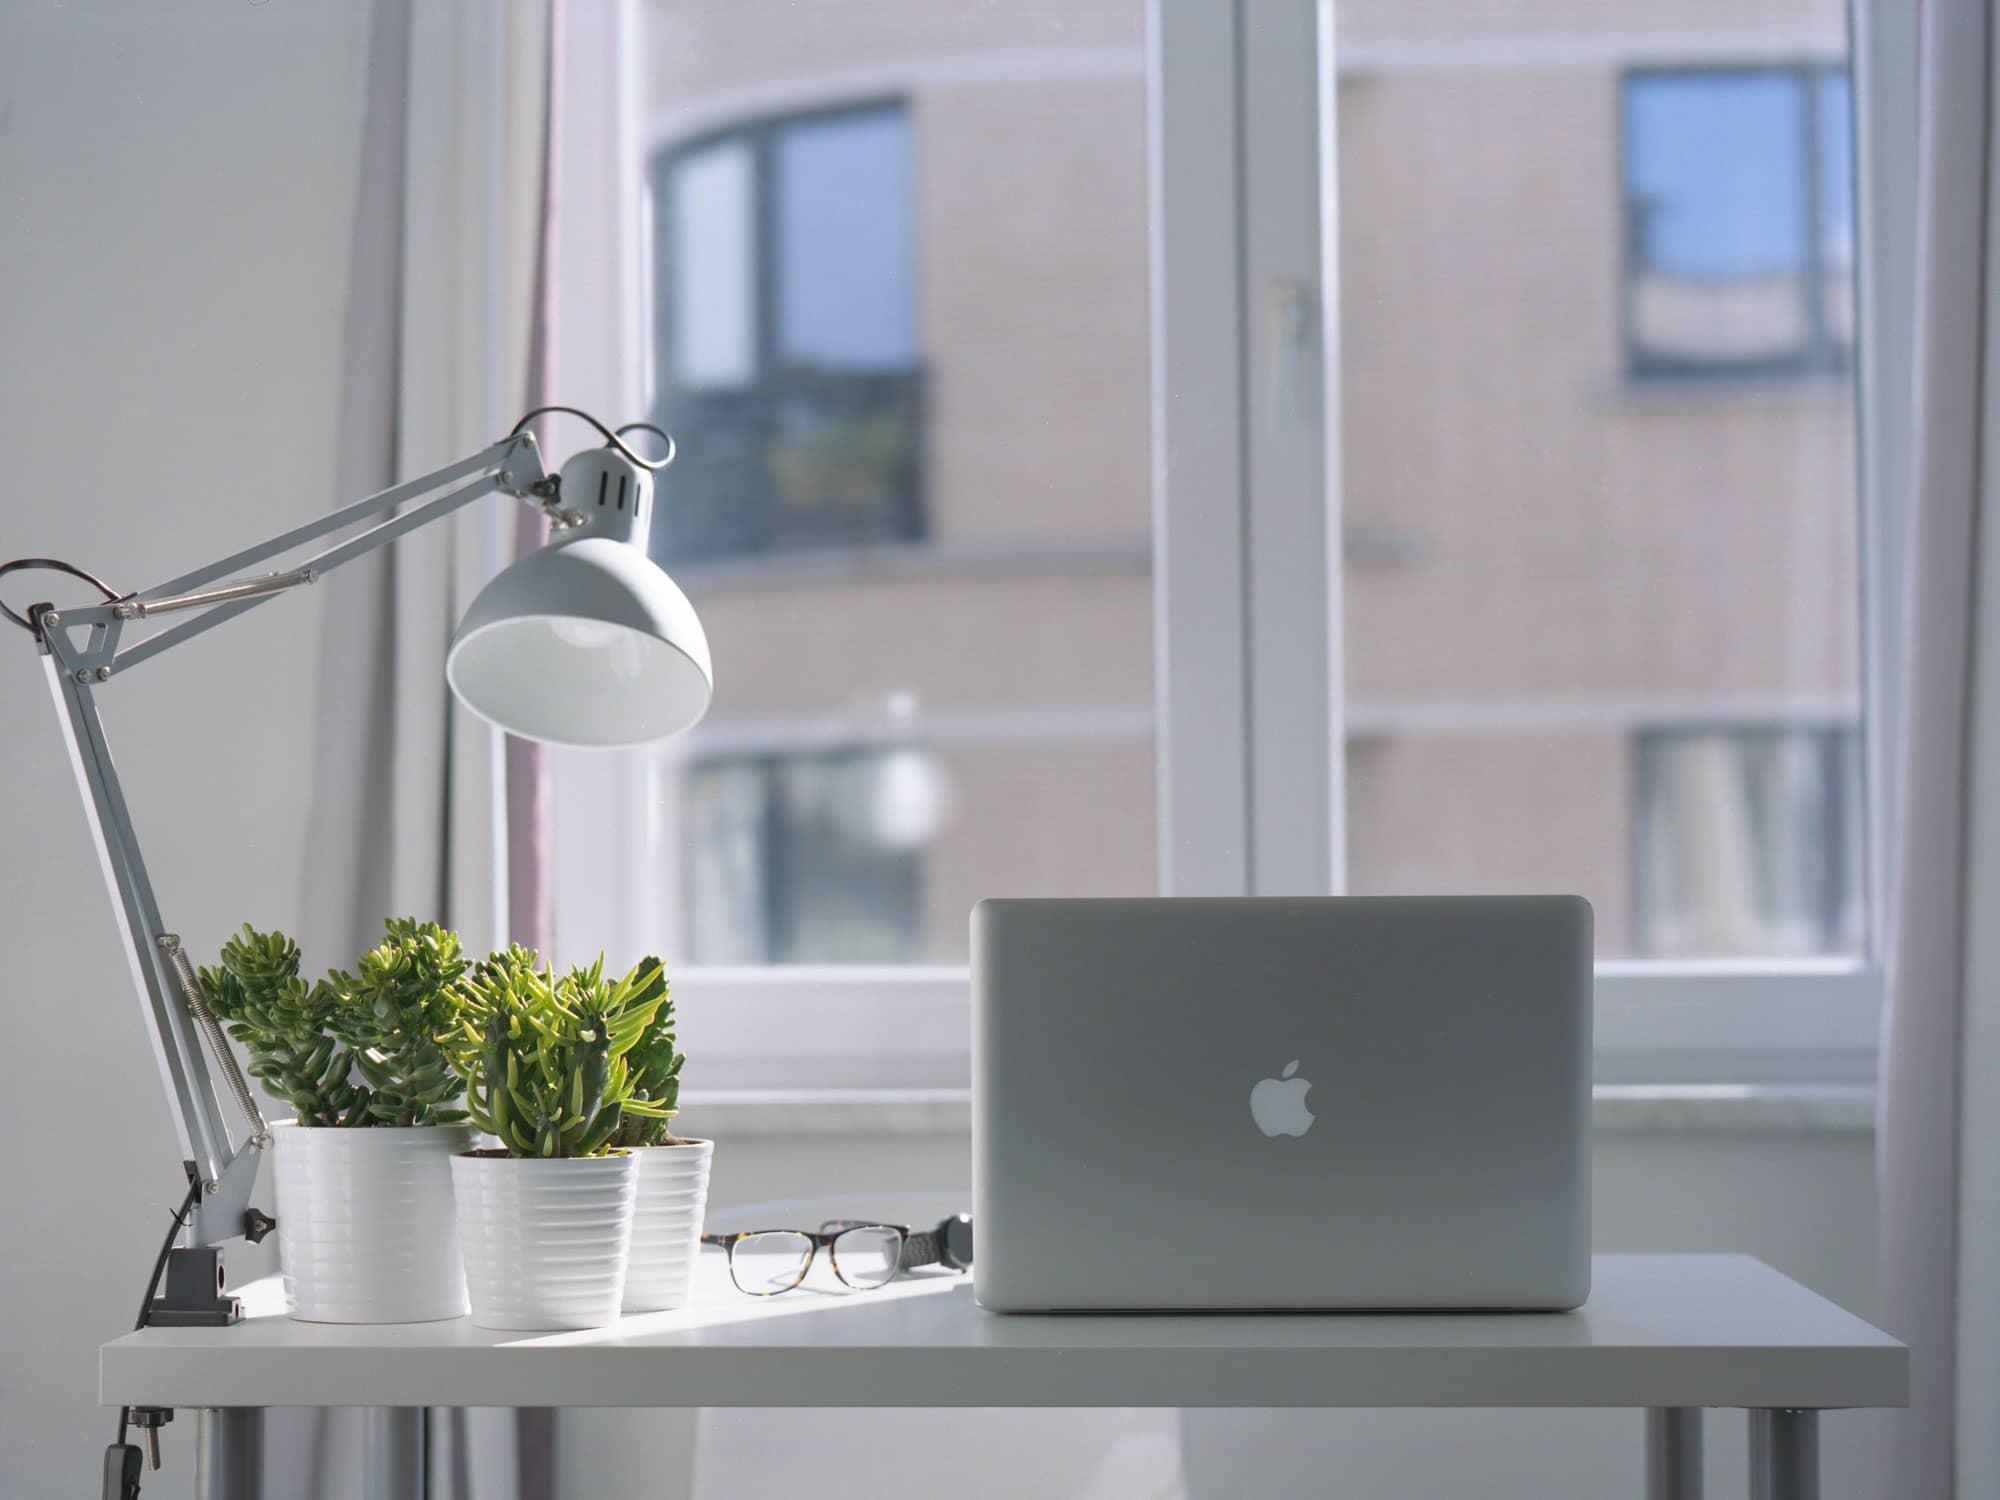 Inspiration_Natur_Schreibtisch_am Fenster_natürliches_Licht_Pflanze